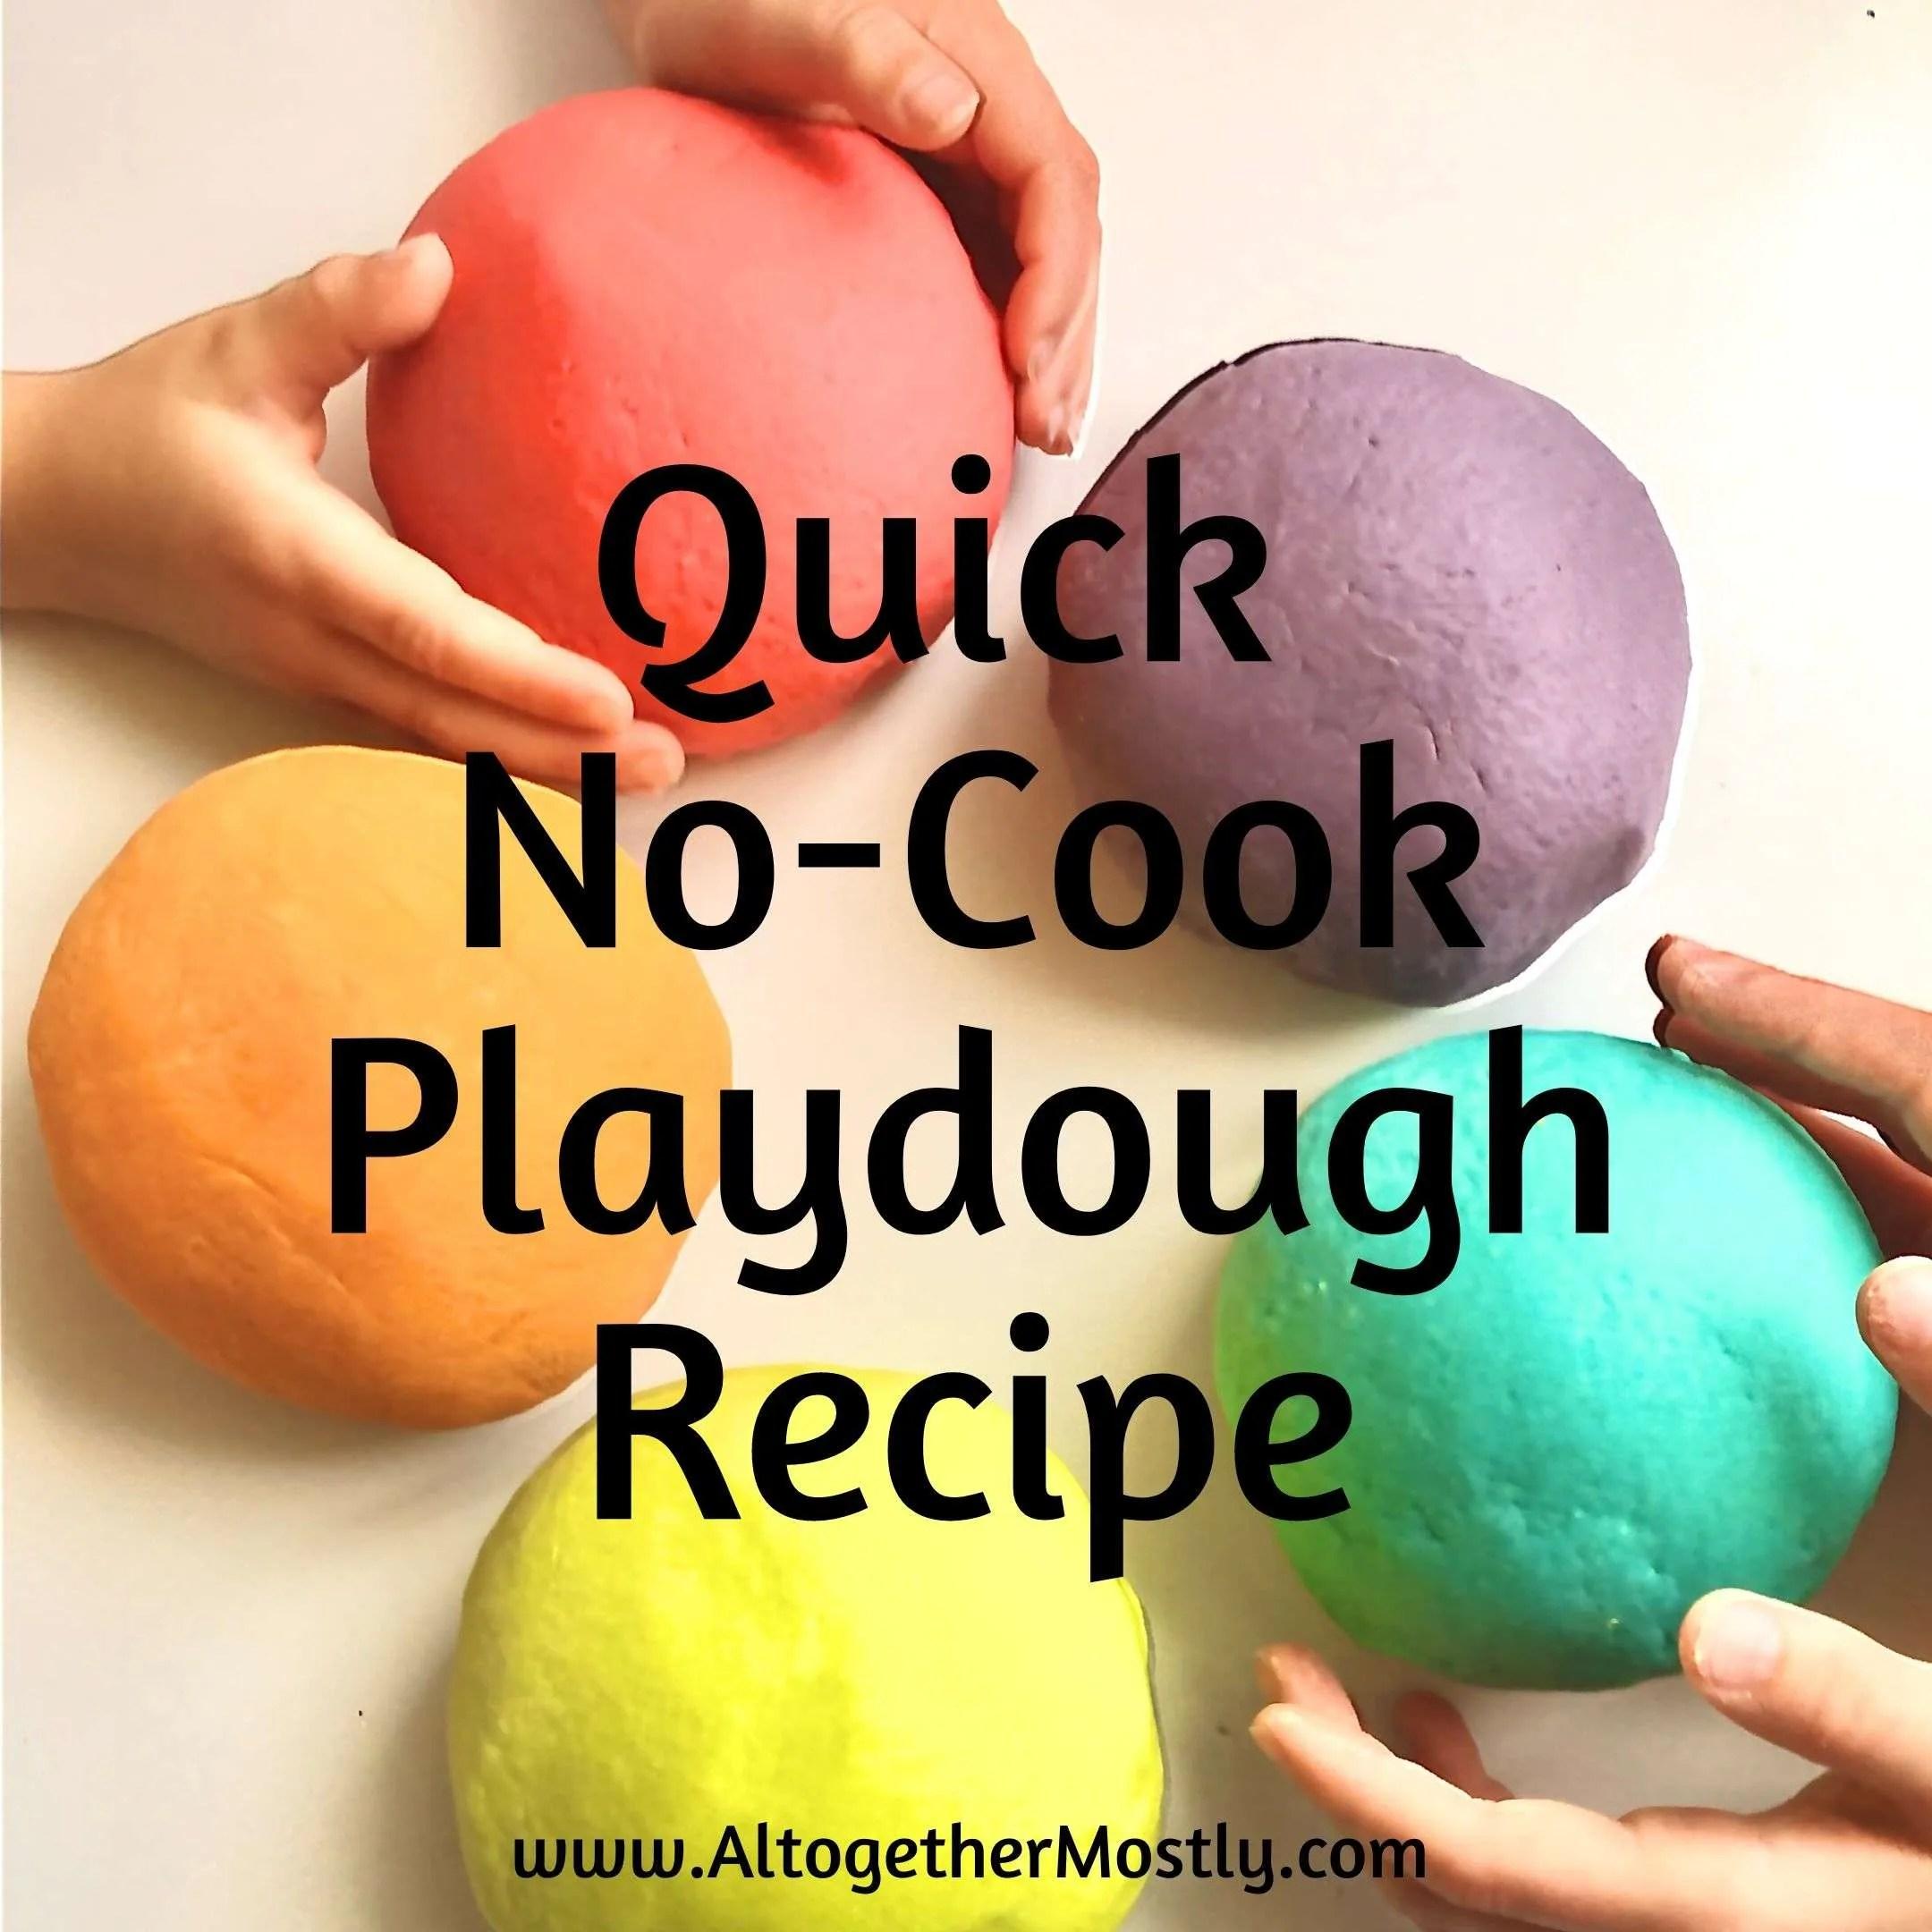 quick no-cook playdough recipe